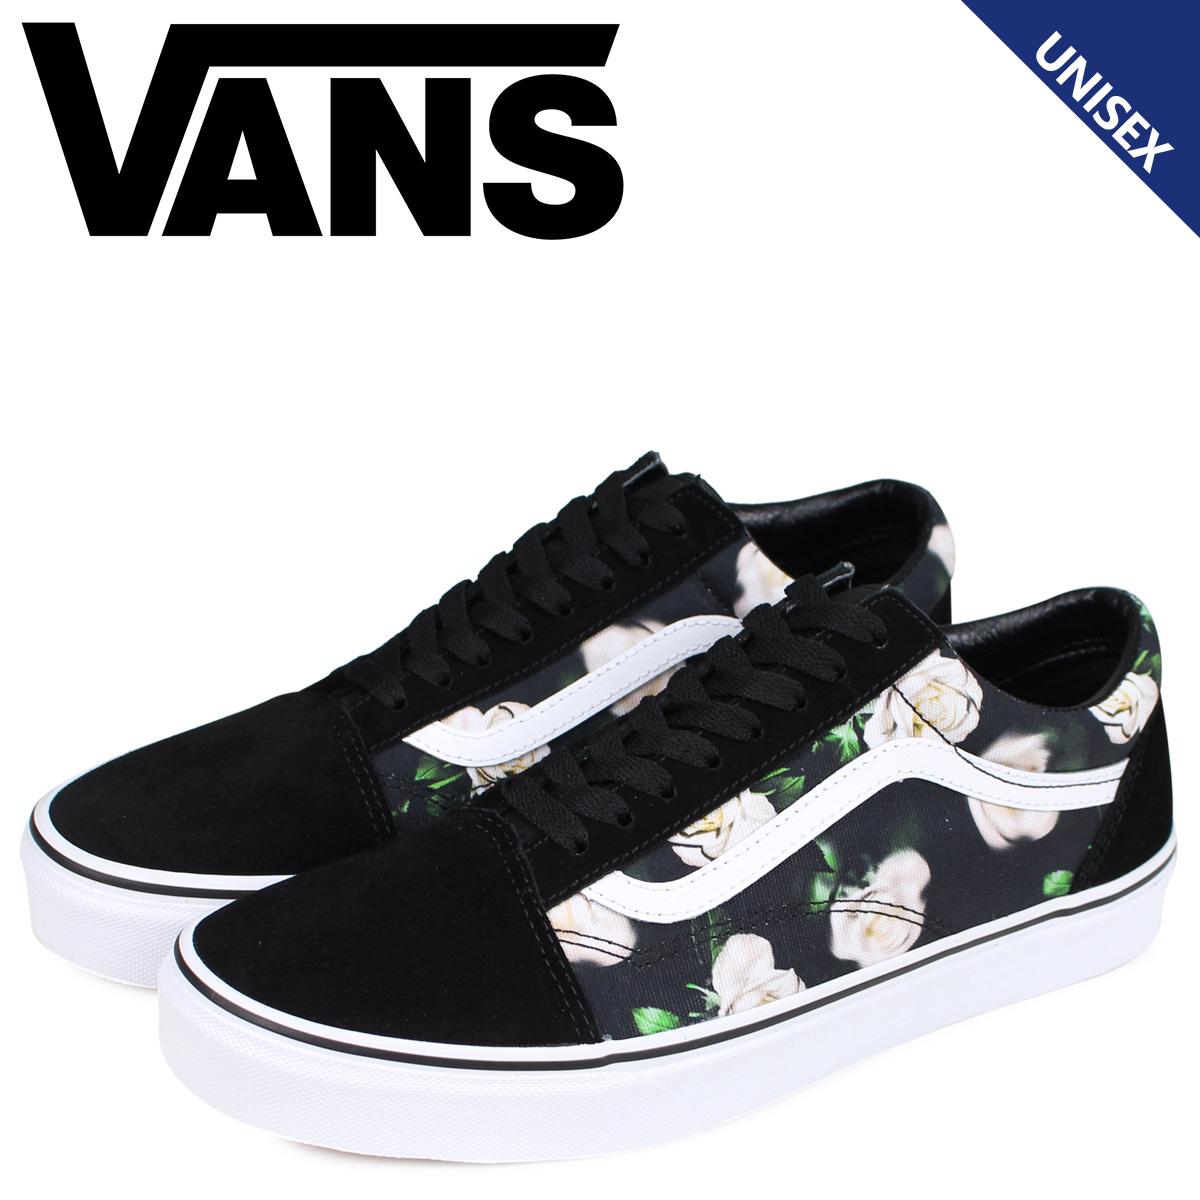 Vans VANS old school sneakers men gap Dis station wagons OLD SKOOL ROMANTIC FLORAL black black VN0A38G1VRK